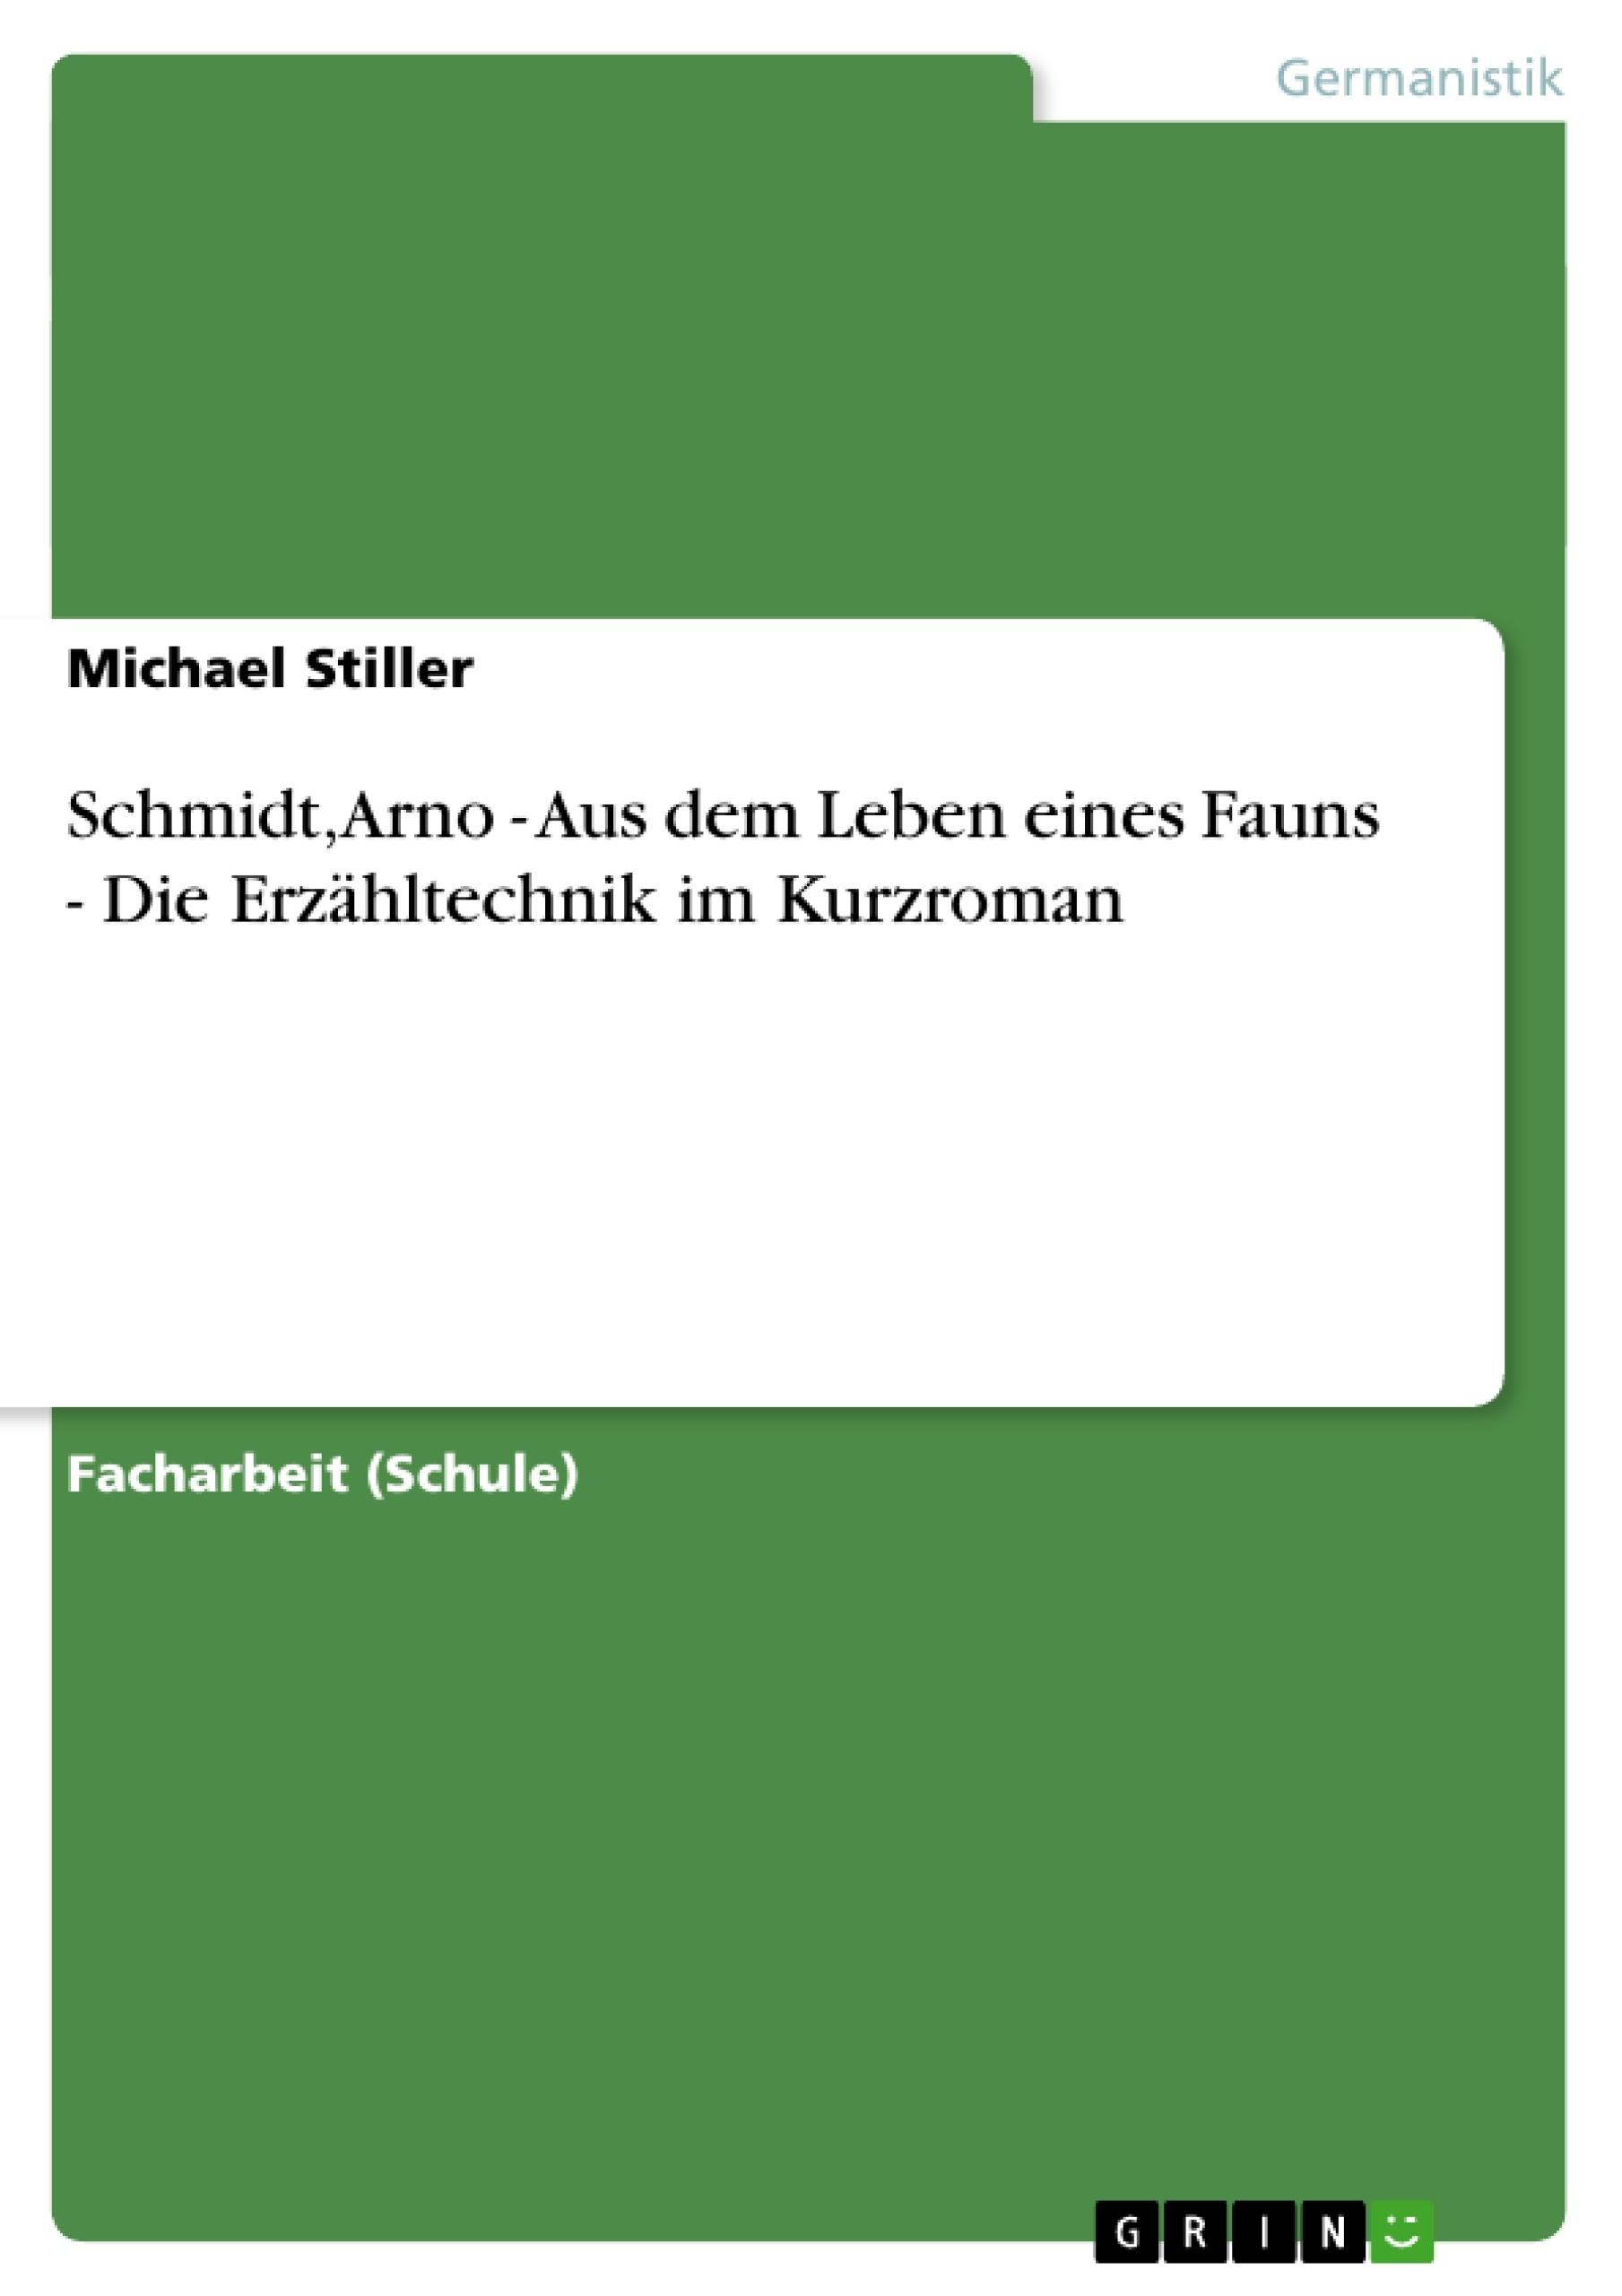 Titel: Schmidt, Arno - Aus dem Leben eines Fauns - Die Erzähltechnik im Kurzroman